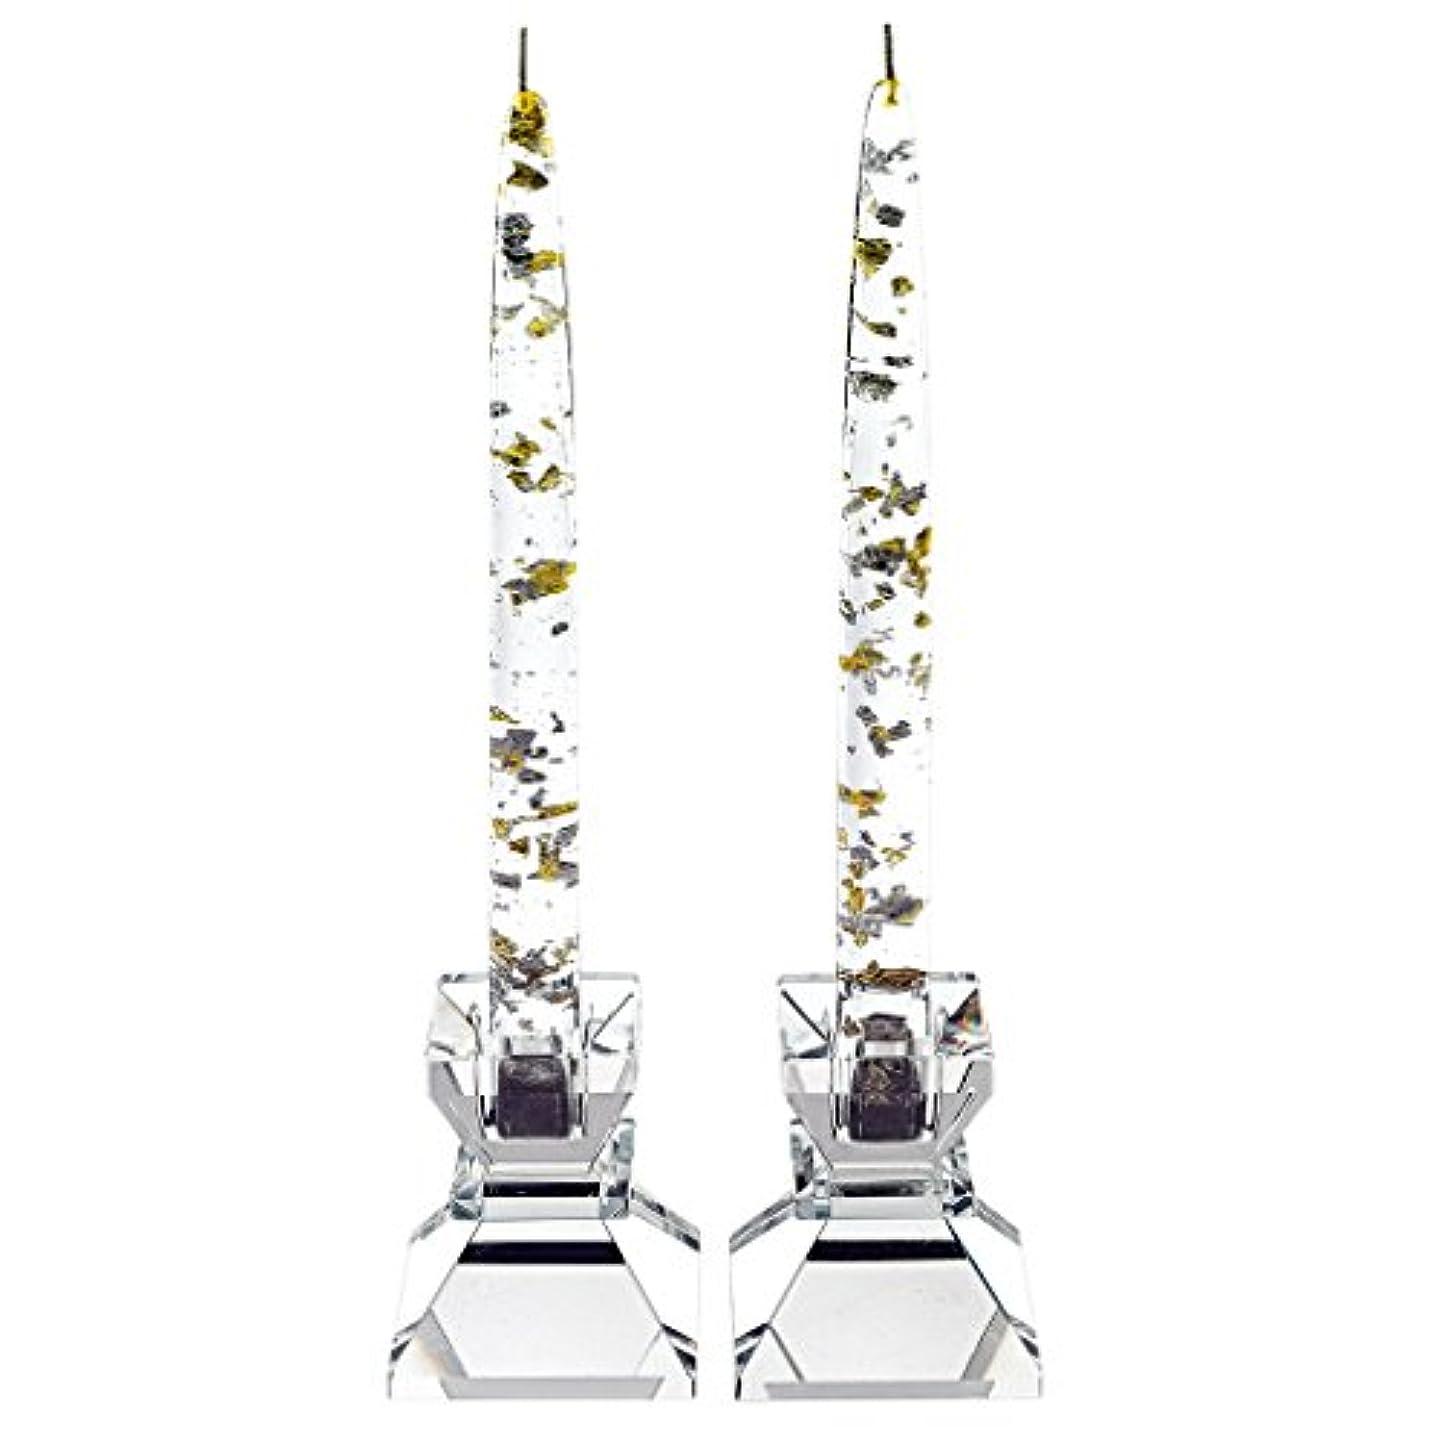 ショートハードウェア製油所Badash Crystal G120 SILVER - GOLD FLECK 10 in. CANDLE